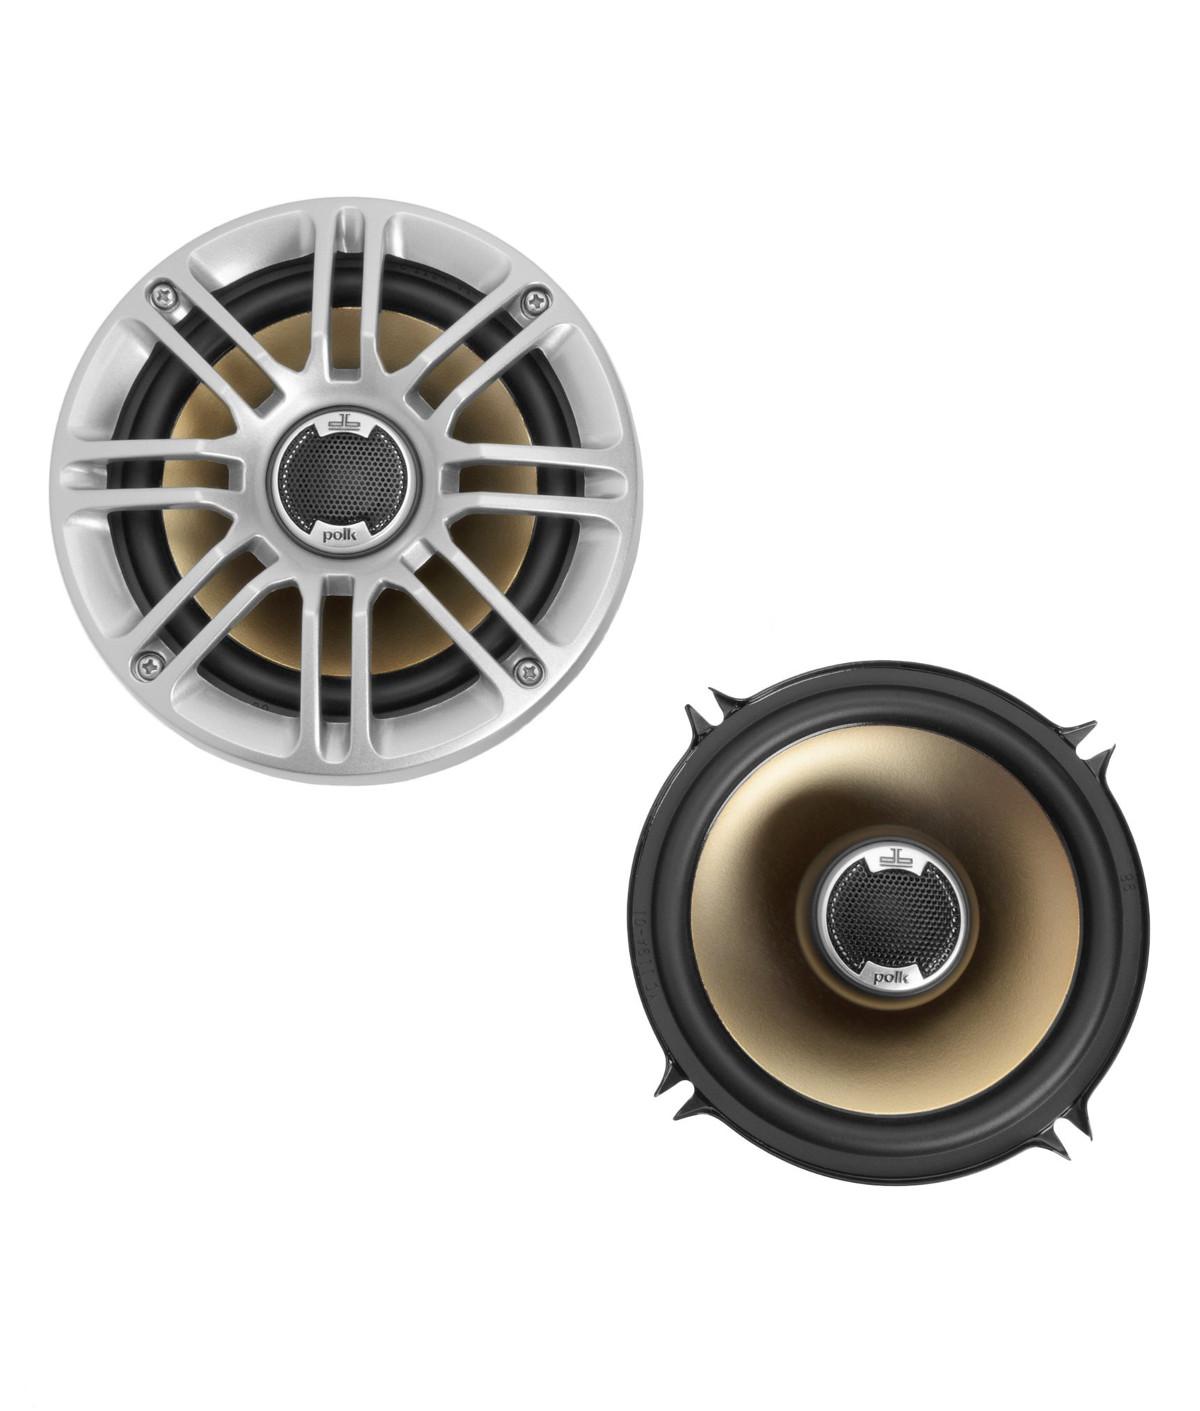 Polk Audio db521 (db 521) Dwudrożne głośniki do łodzi / samochodu 5.25 cala - 2szt. Polska Gwarancja